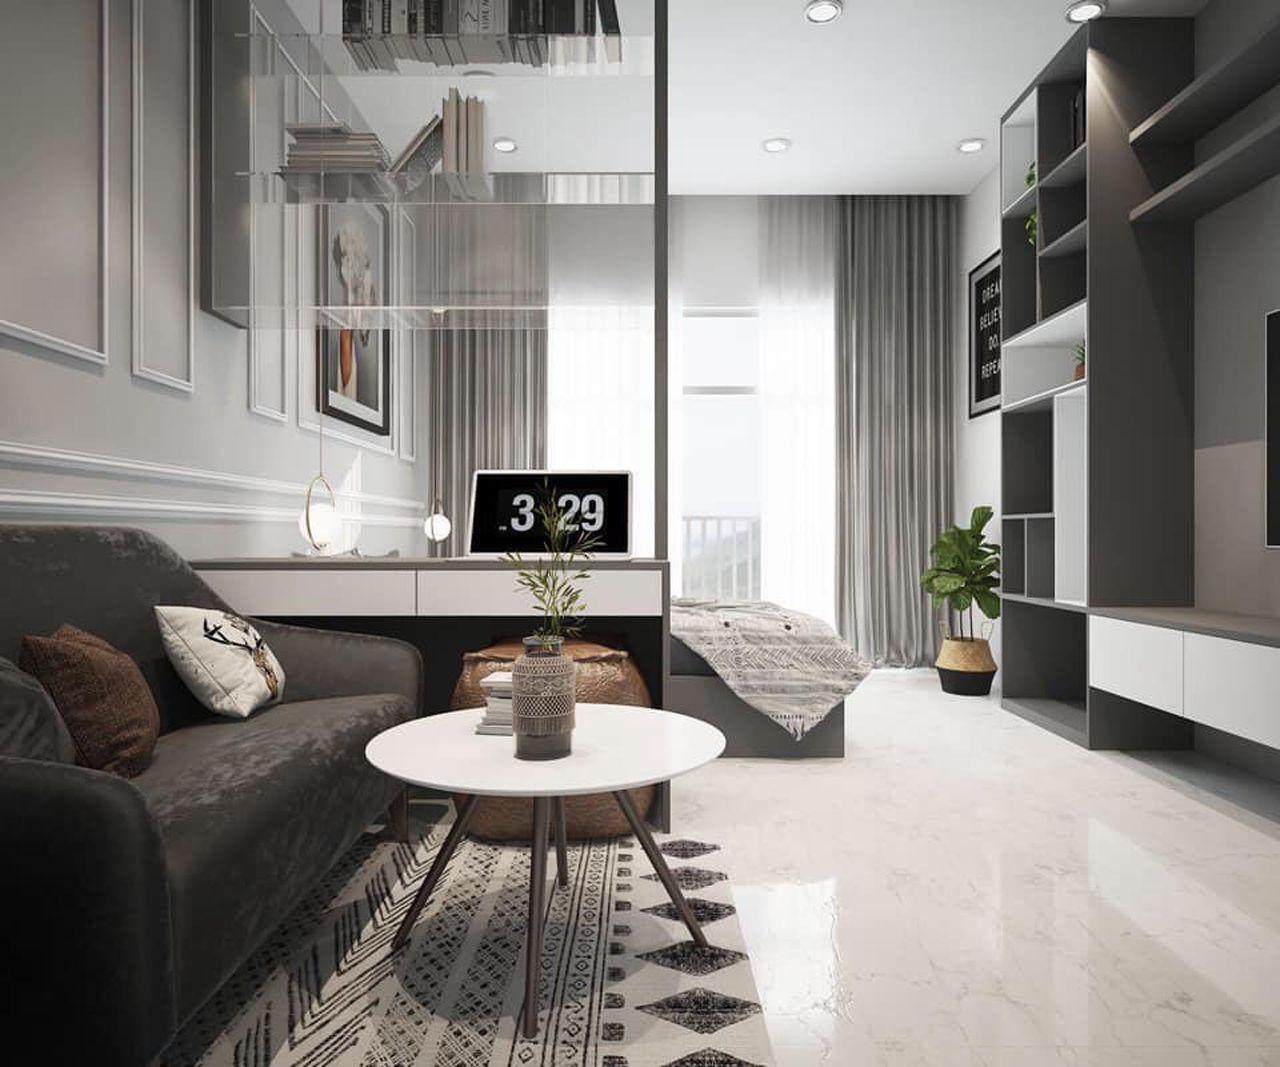 Thiết kế nội thất phong cách hiện đại - phòng khách 003